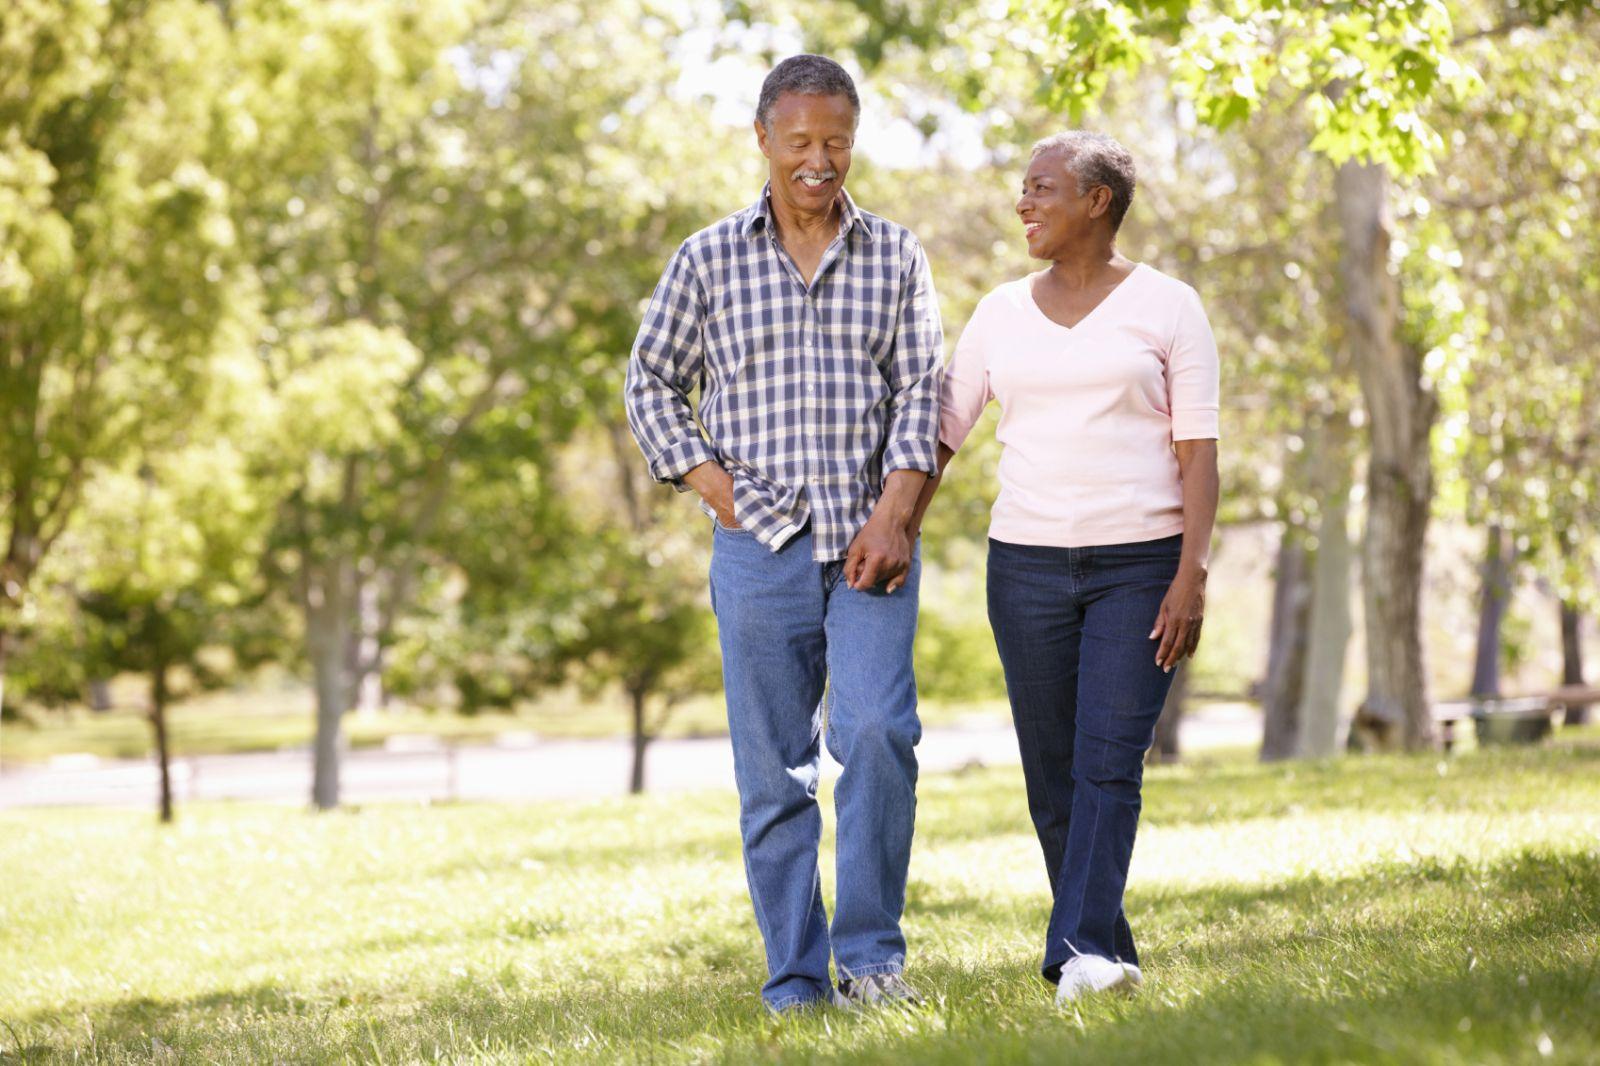 older couple walking cardio exercise park monkeybusinessimages iStock 000022452808 Medium